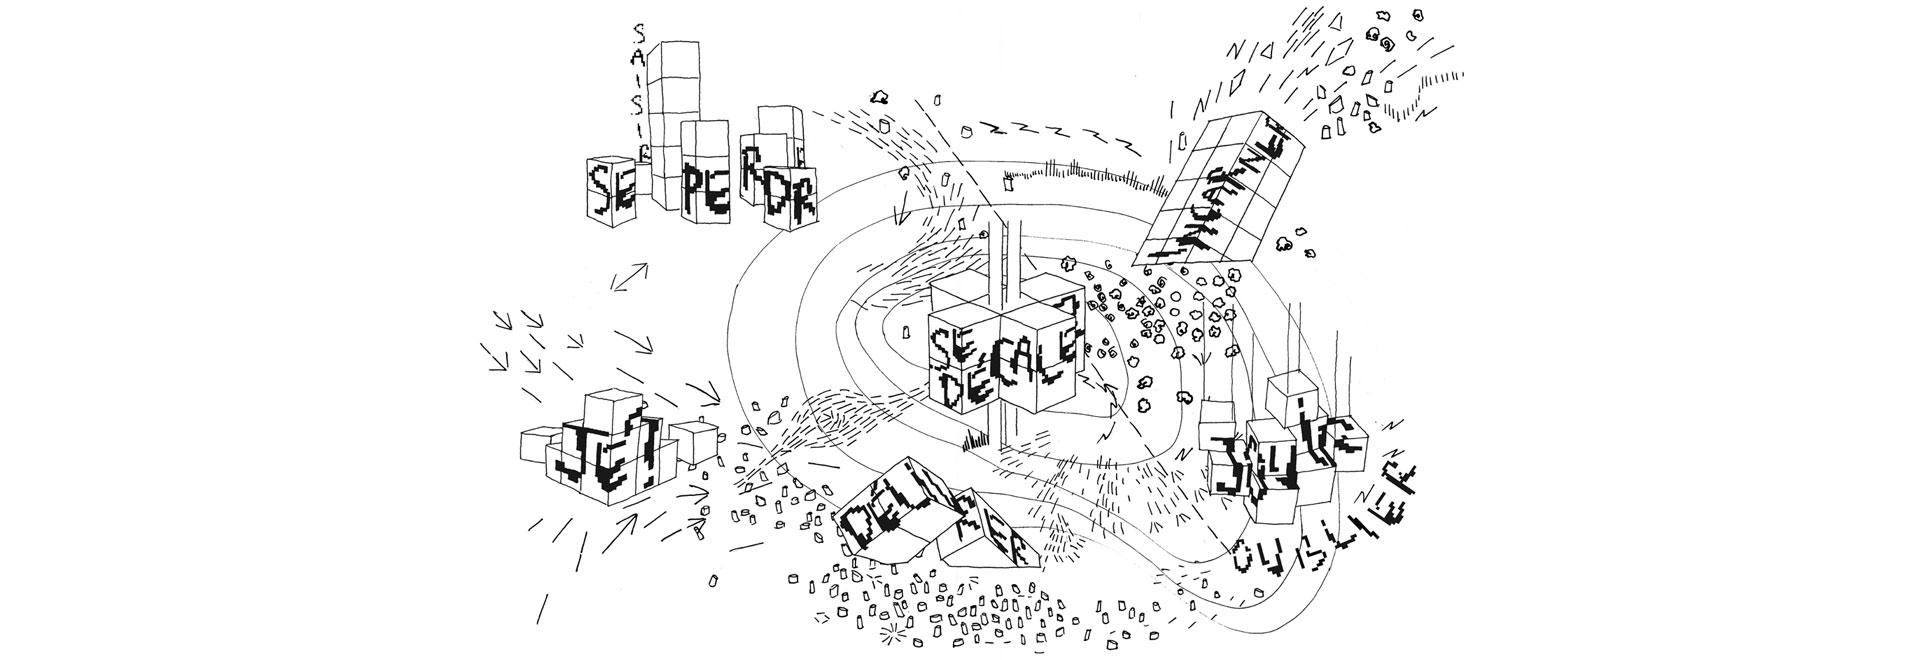 Festival-Chaumont-1-Carte-graphique